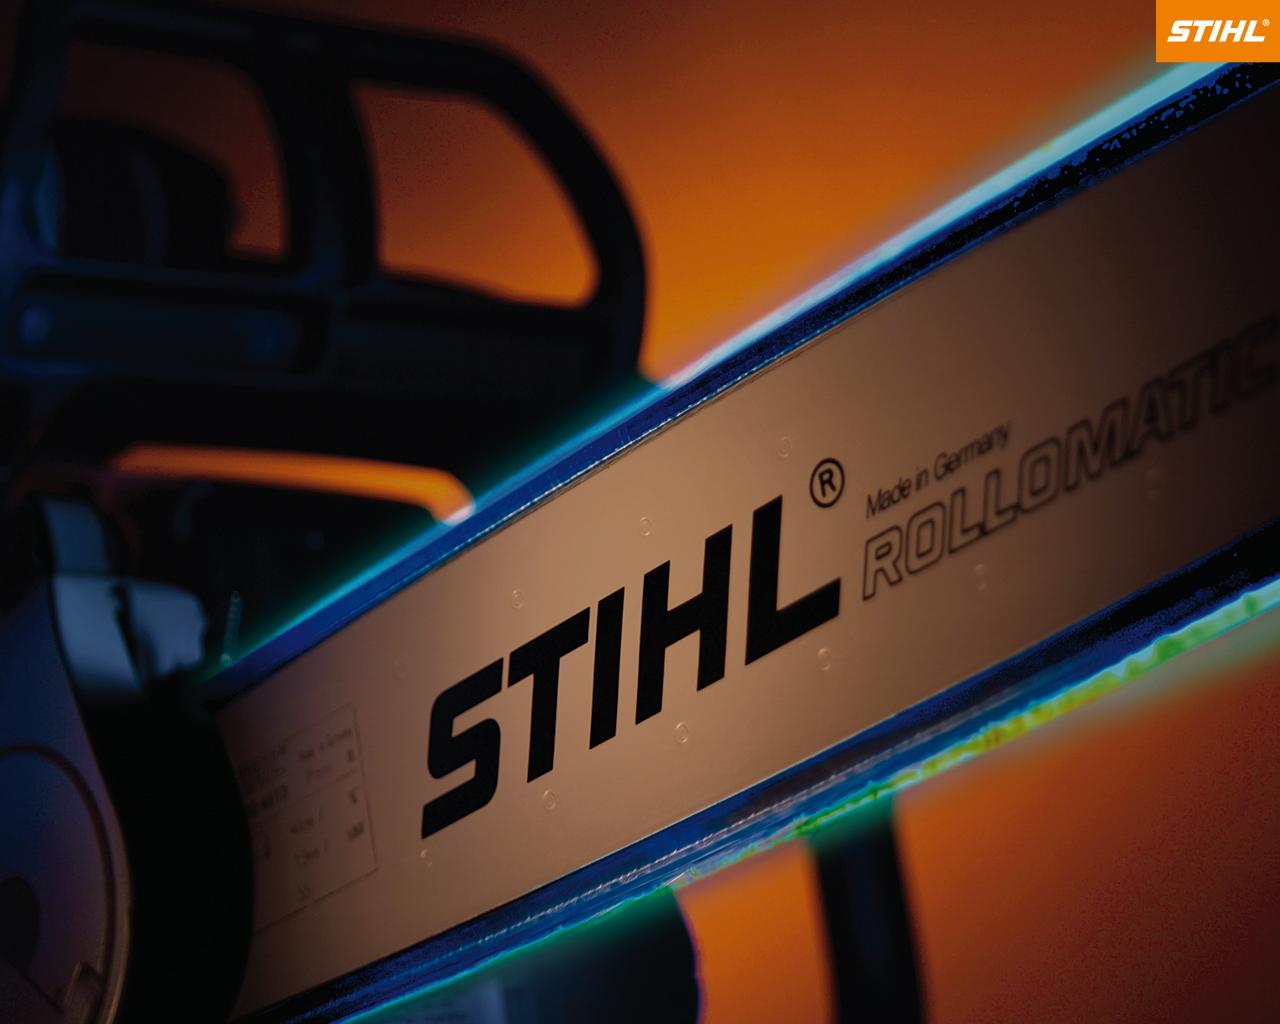 stihl - stihl and viking wallpapers